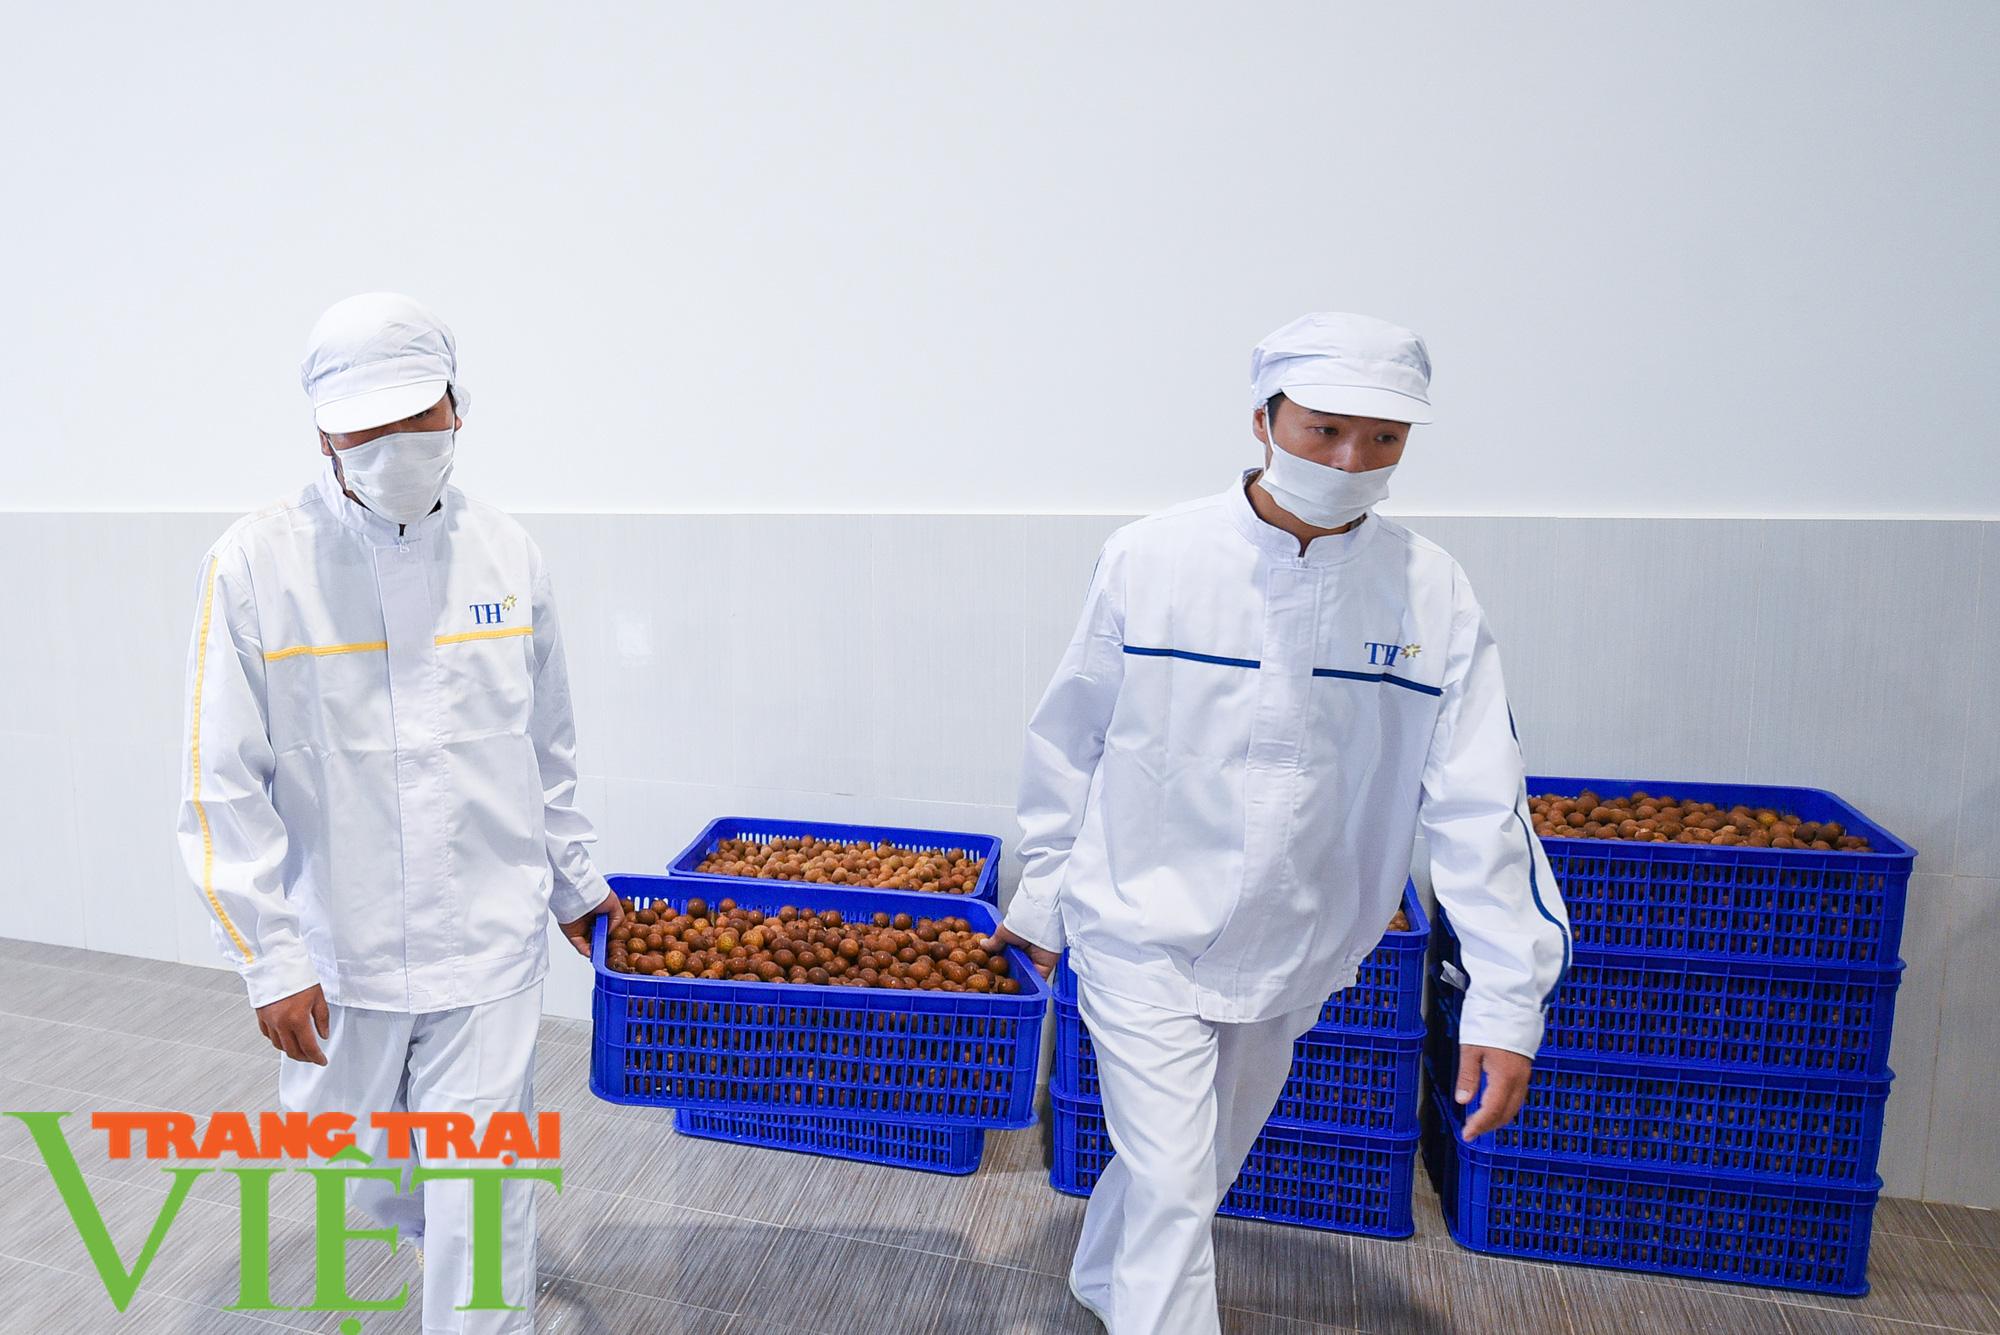 Nhà máy đi vào hoạt động sẽ giúp đảm bảo đầu ra cho nông sản Sơn La - Ảnh 8.